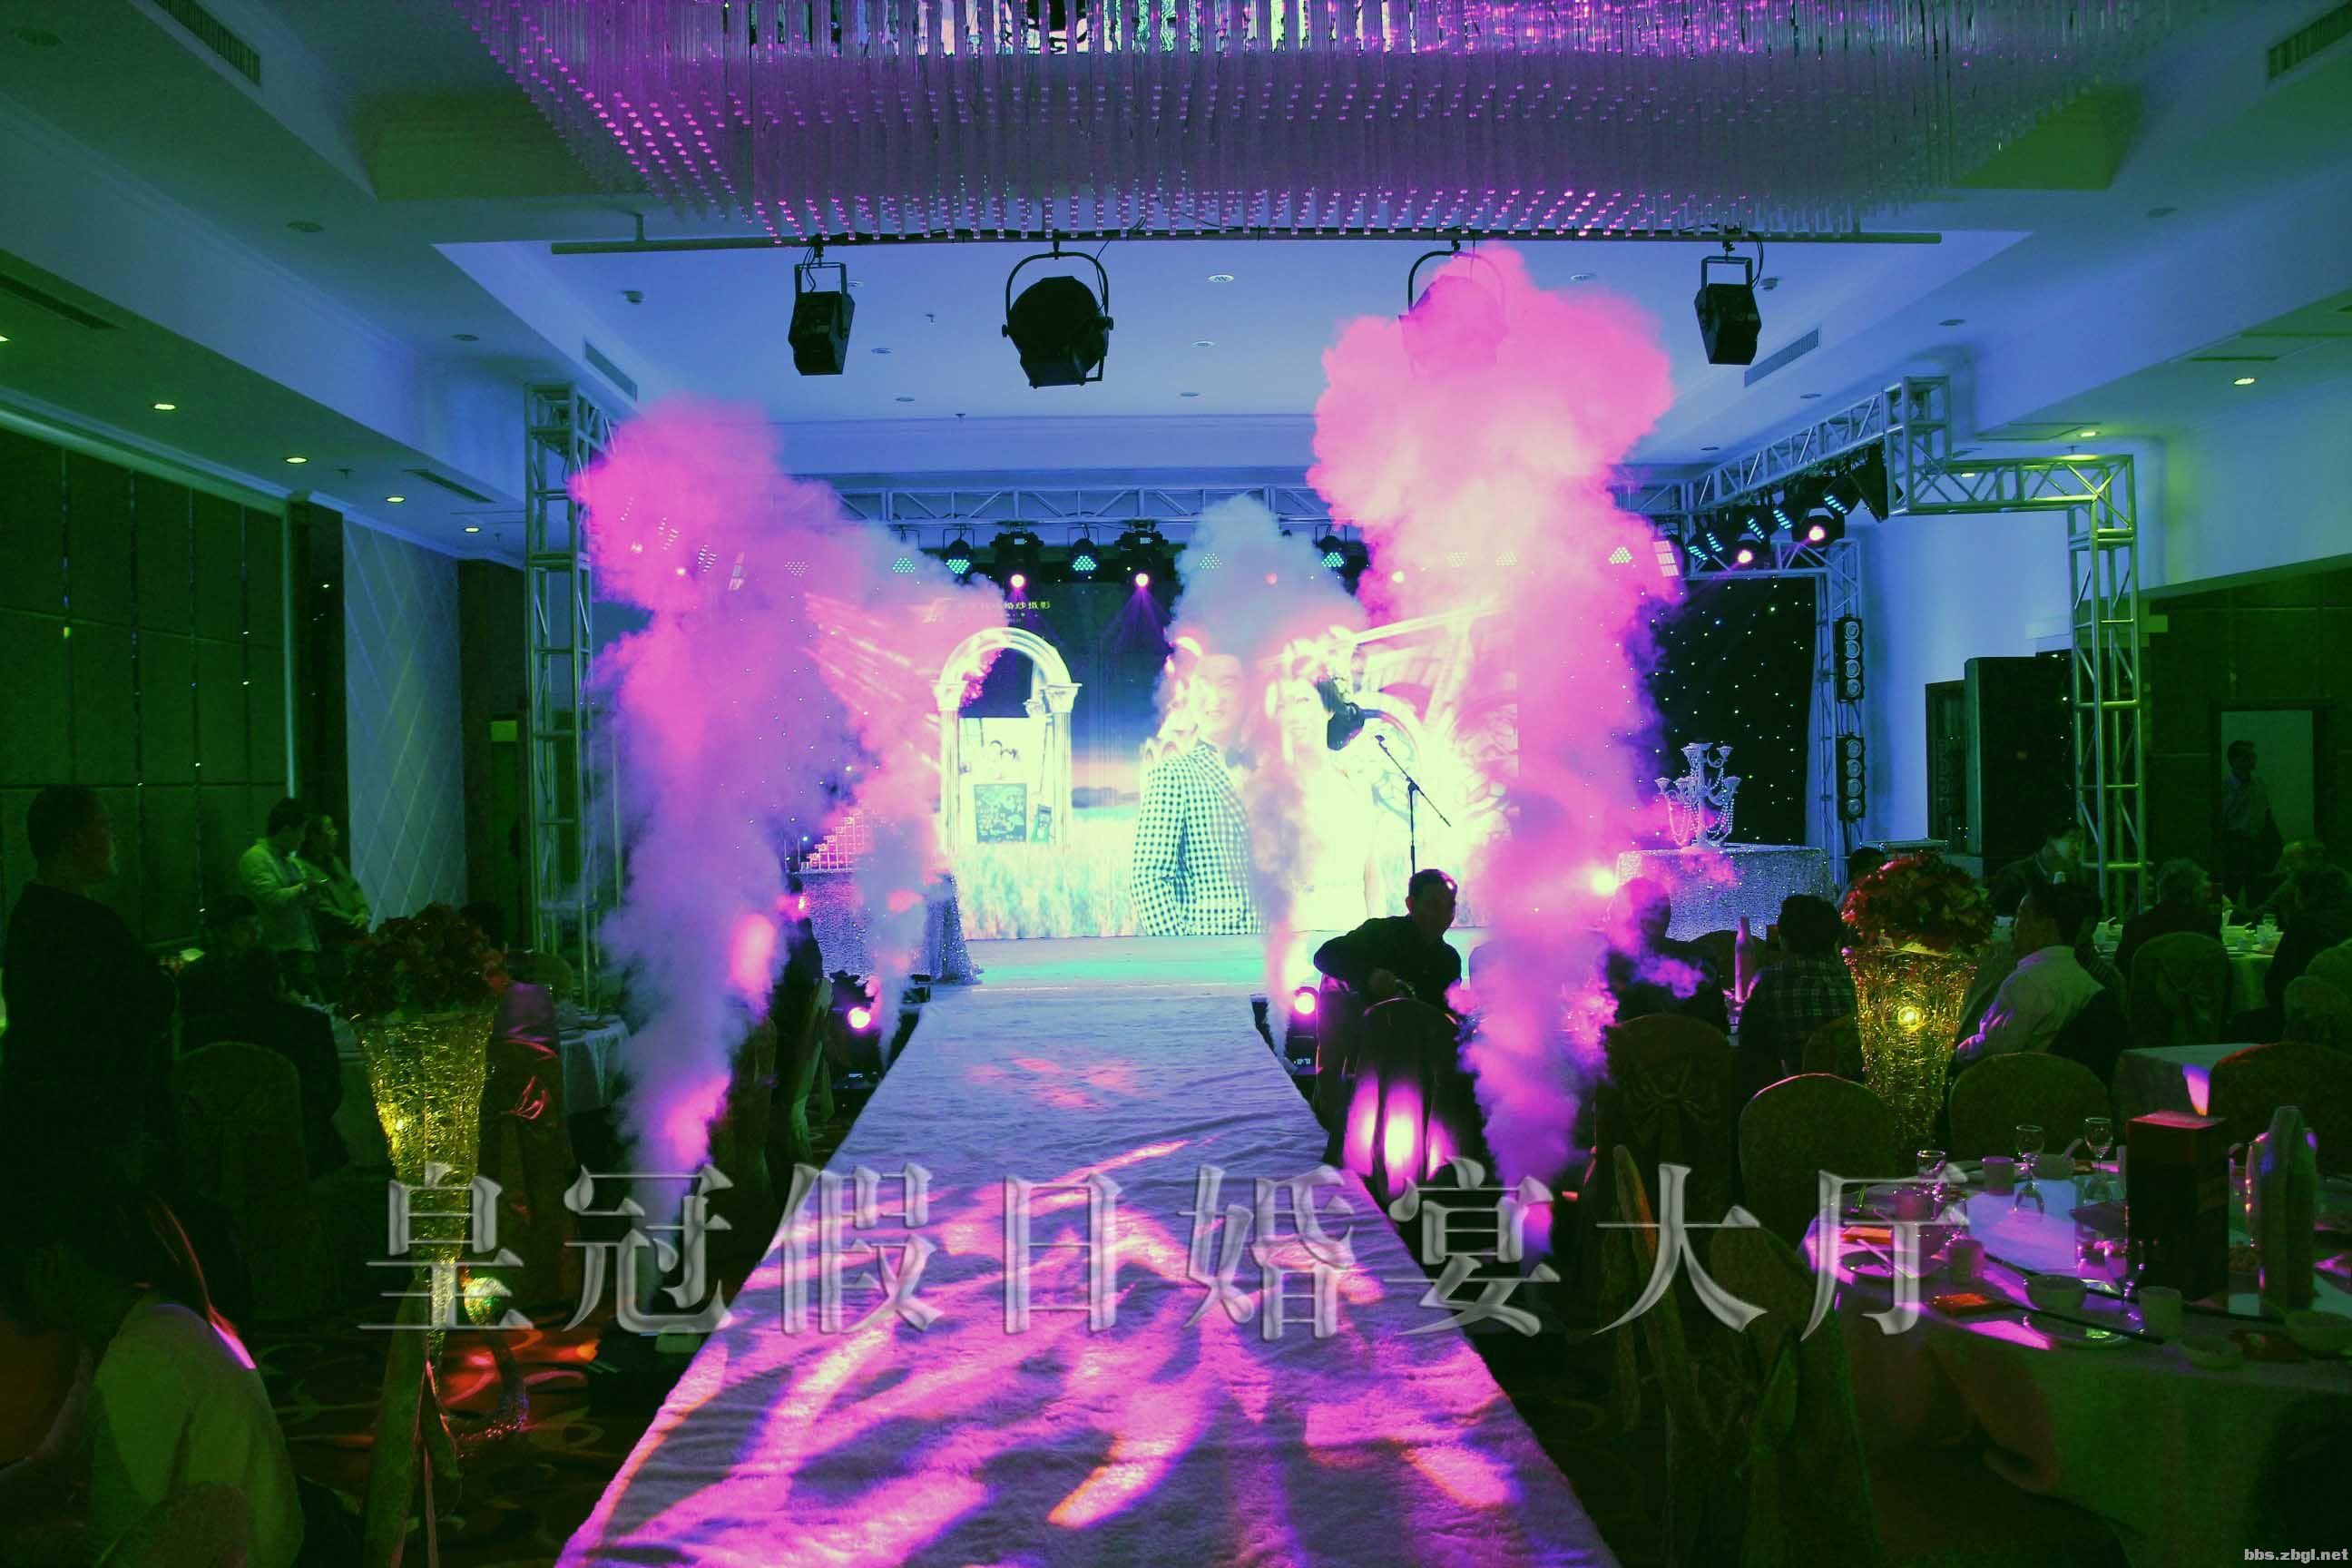 婚礼现场1.jpg 高清图片